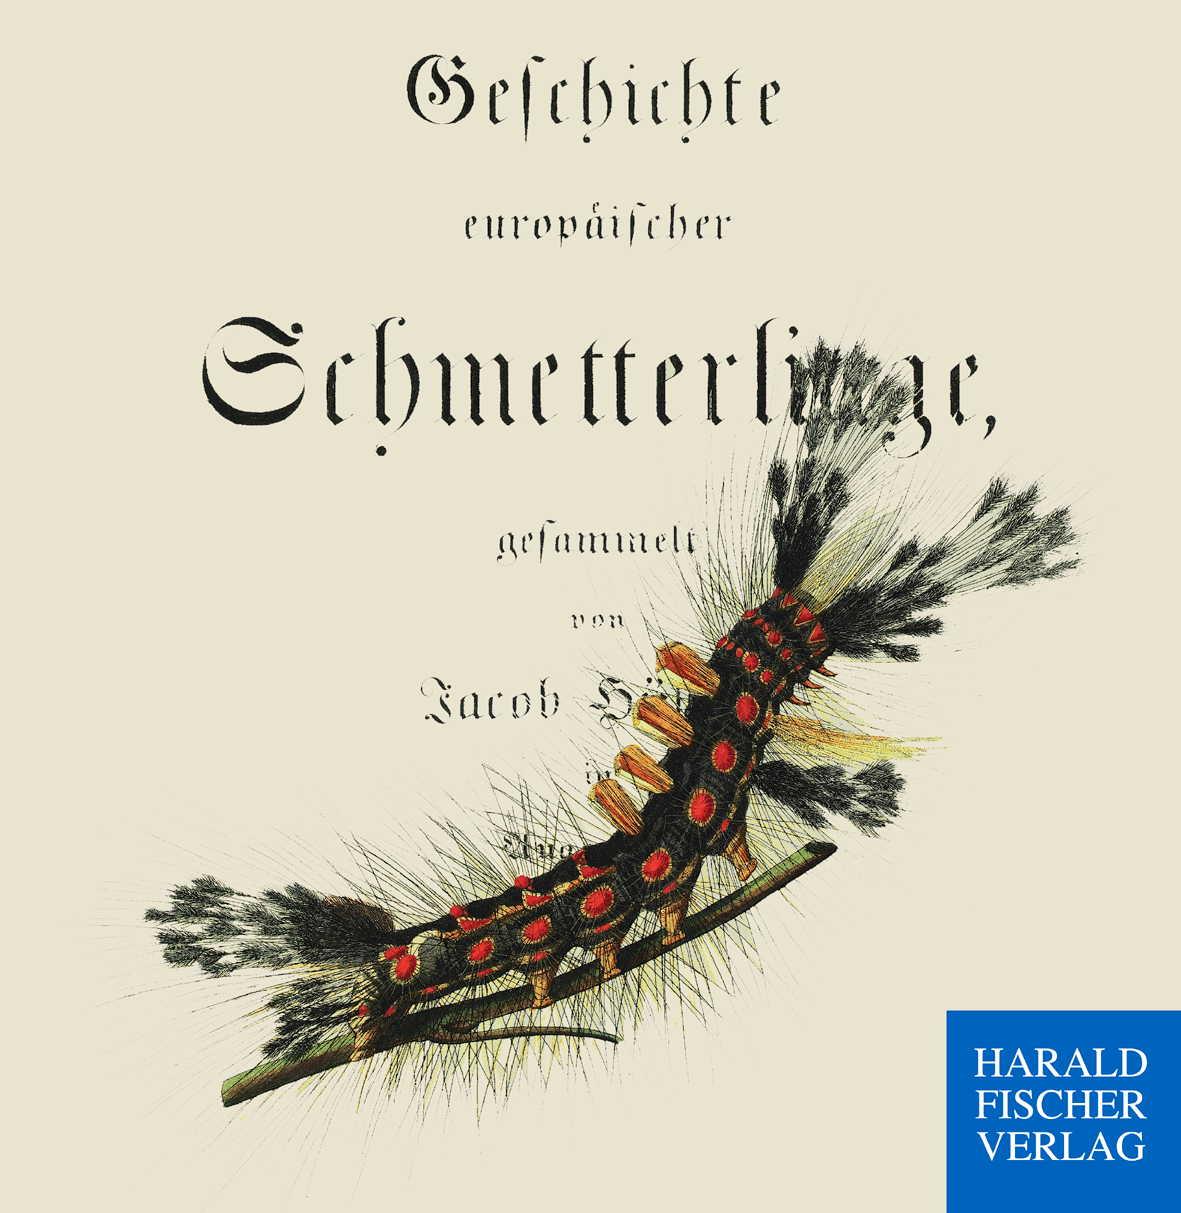 Geschichte europäischer Schmetterlinge